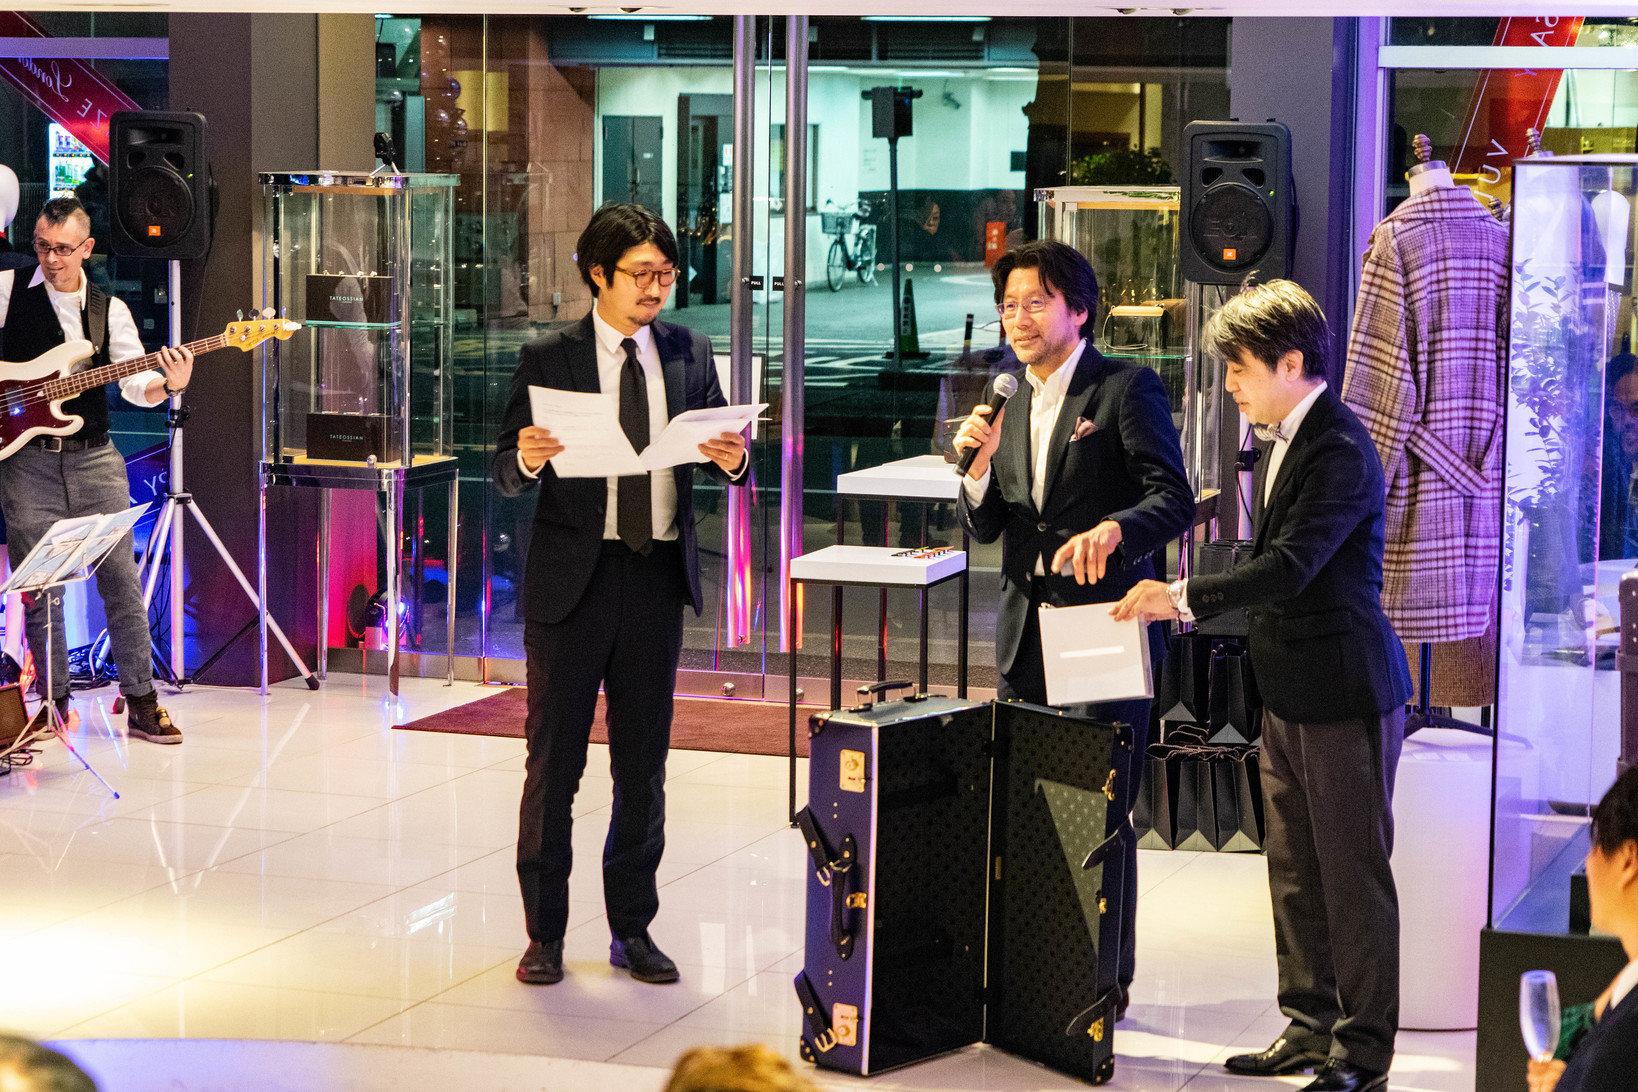 会場では当日限定のプレゼント企画も行われた。写真はヴァルカナイズ・ロンドンを運営するBLBG株式会社のCEO、田窪寿保氏から当選者が発表されている様子。